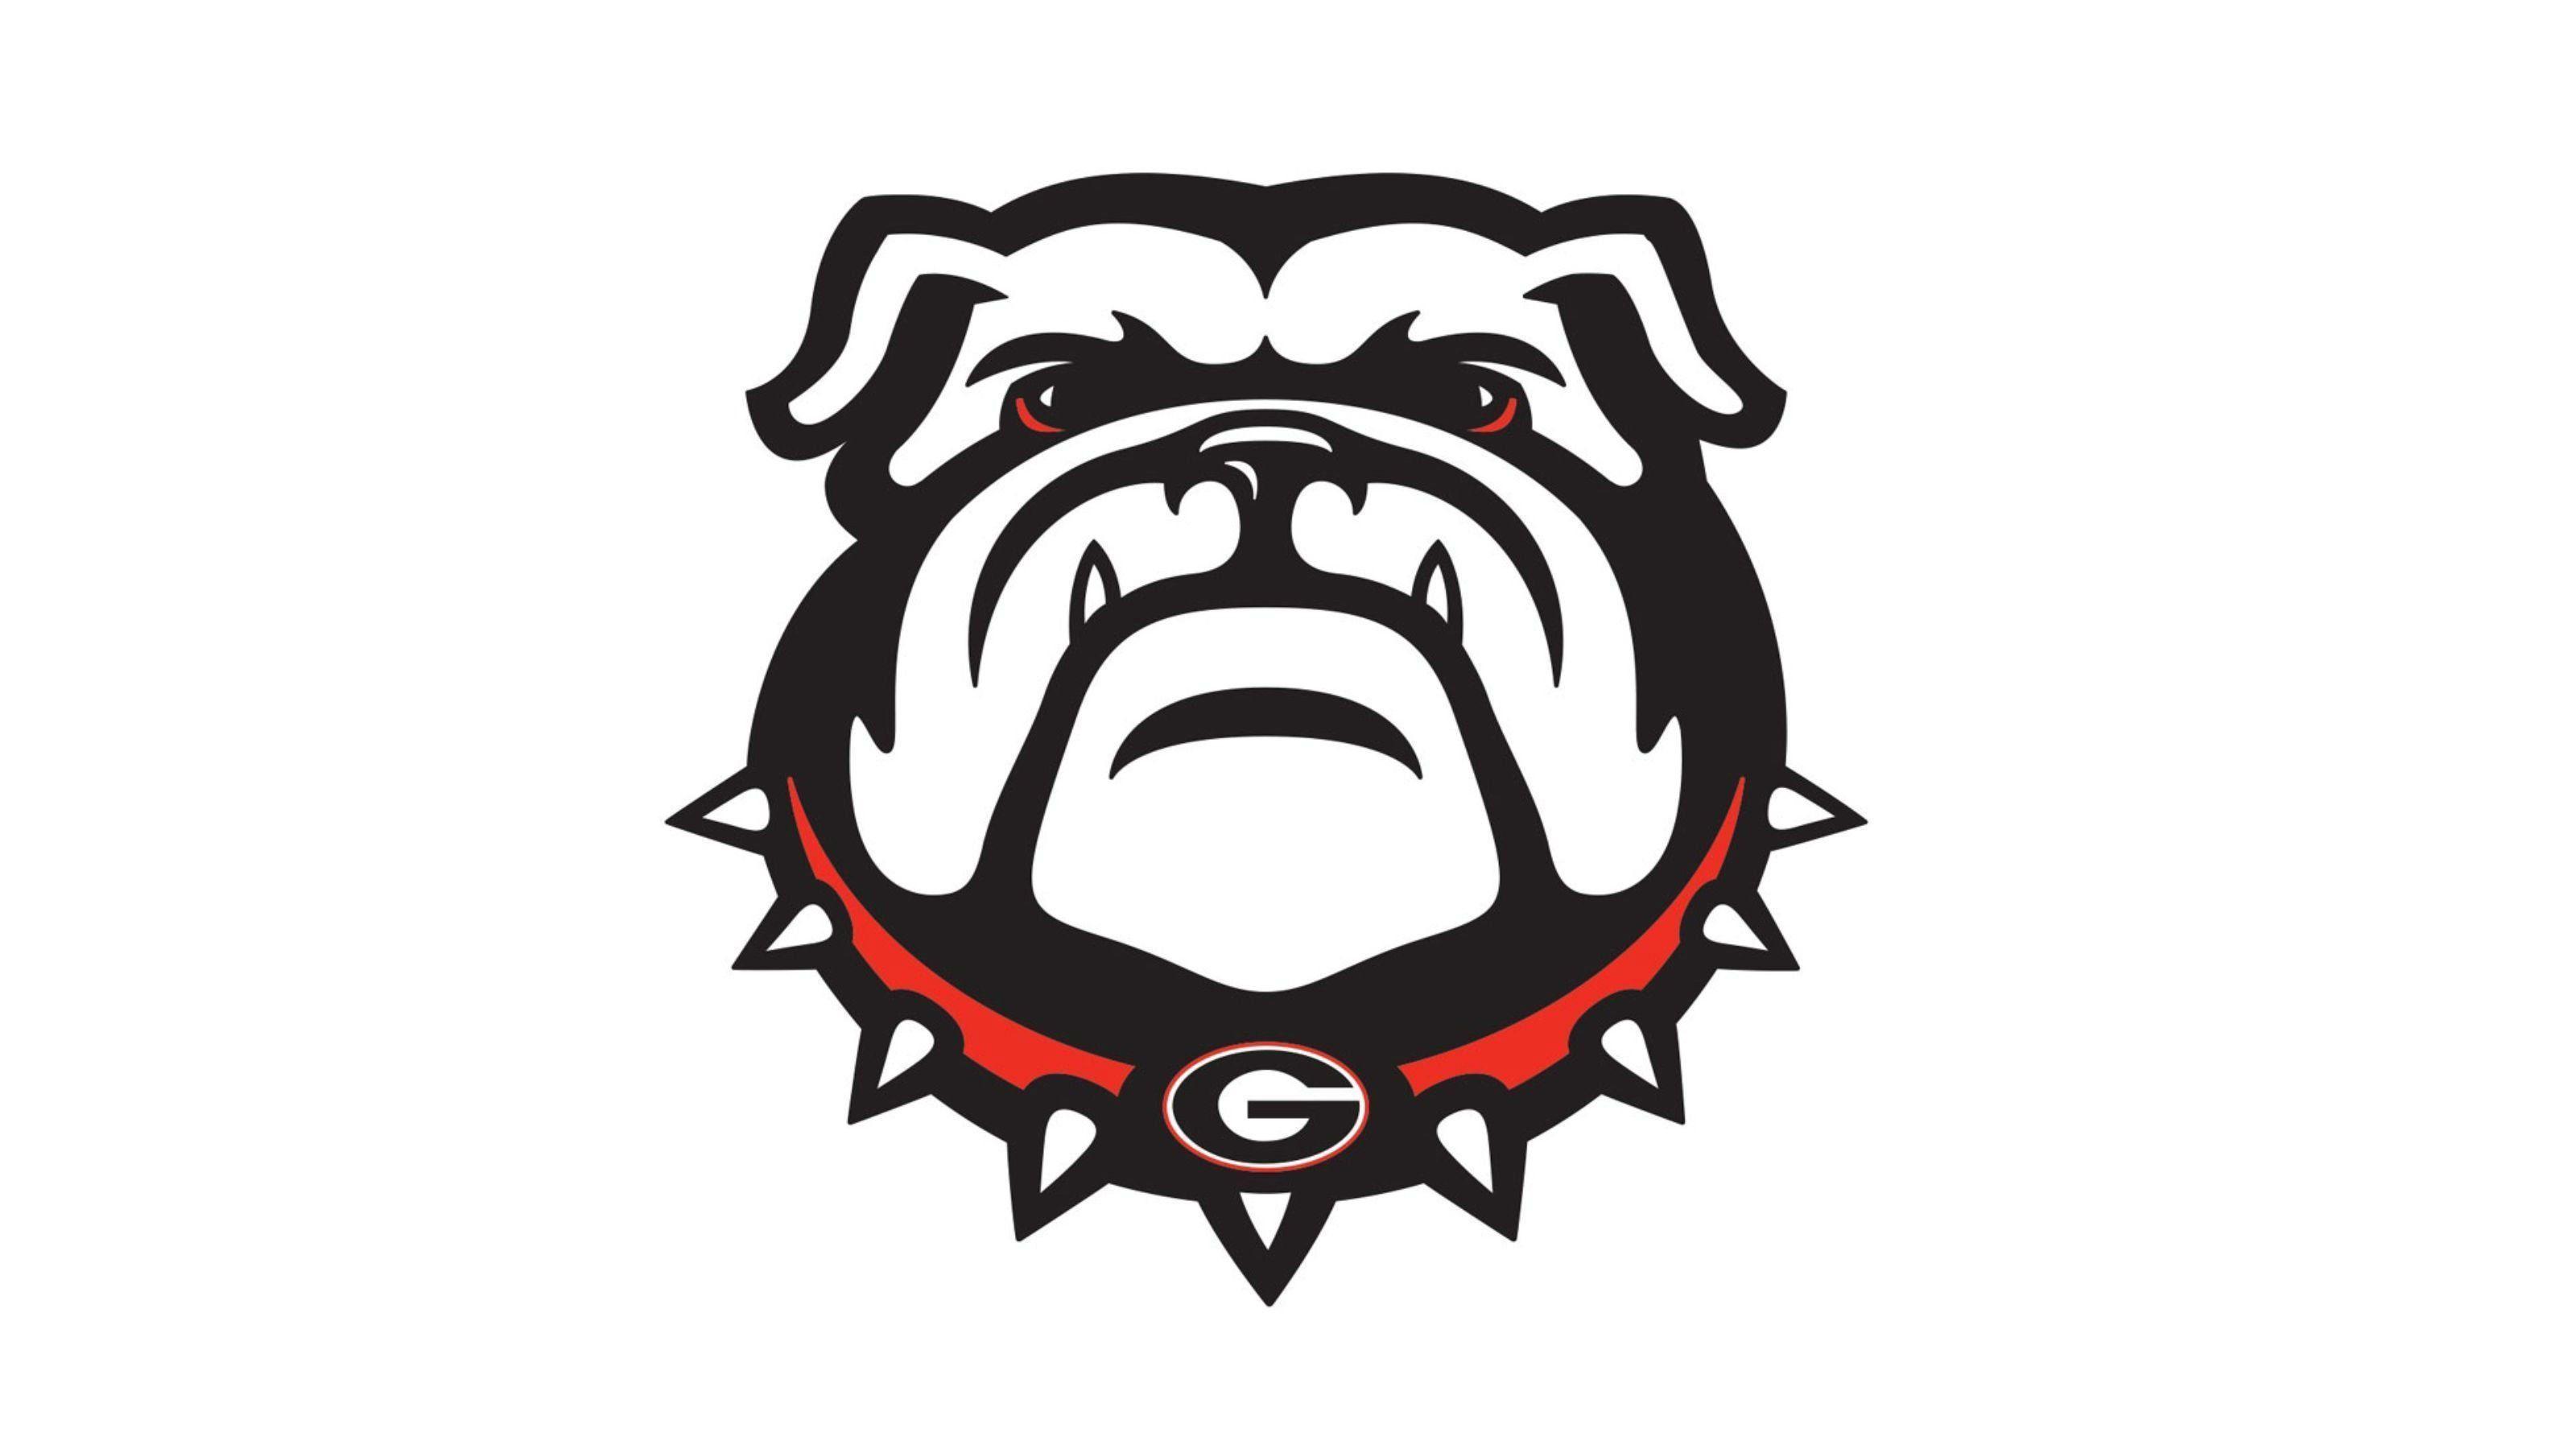 Georgia Bulldogs Wallpaper And Screensavers 52 Images